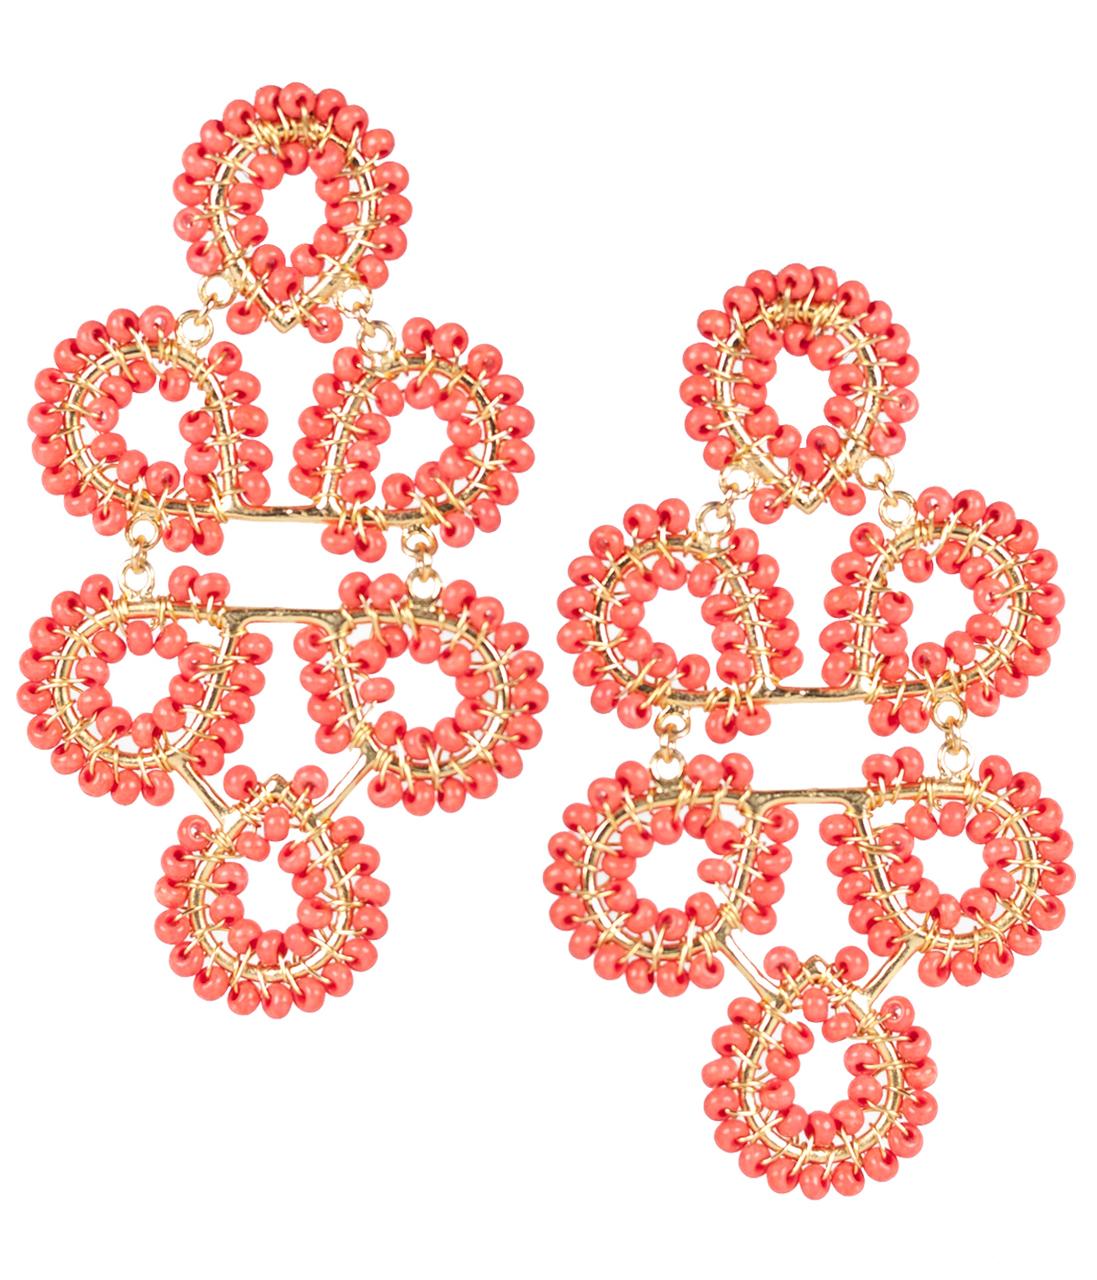 Ginger Conch Earrings